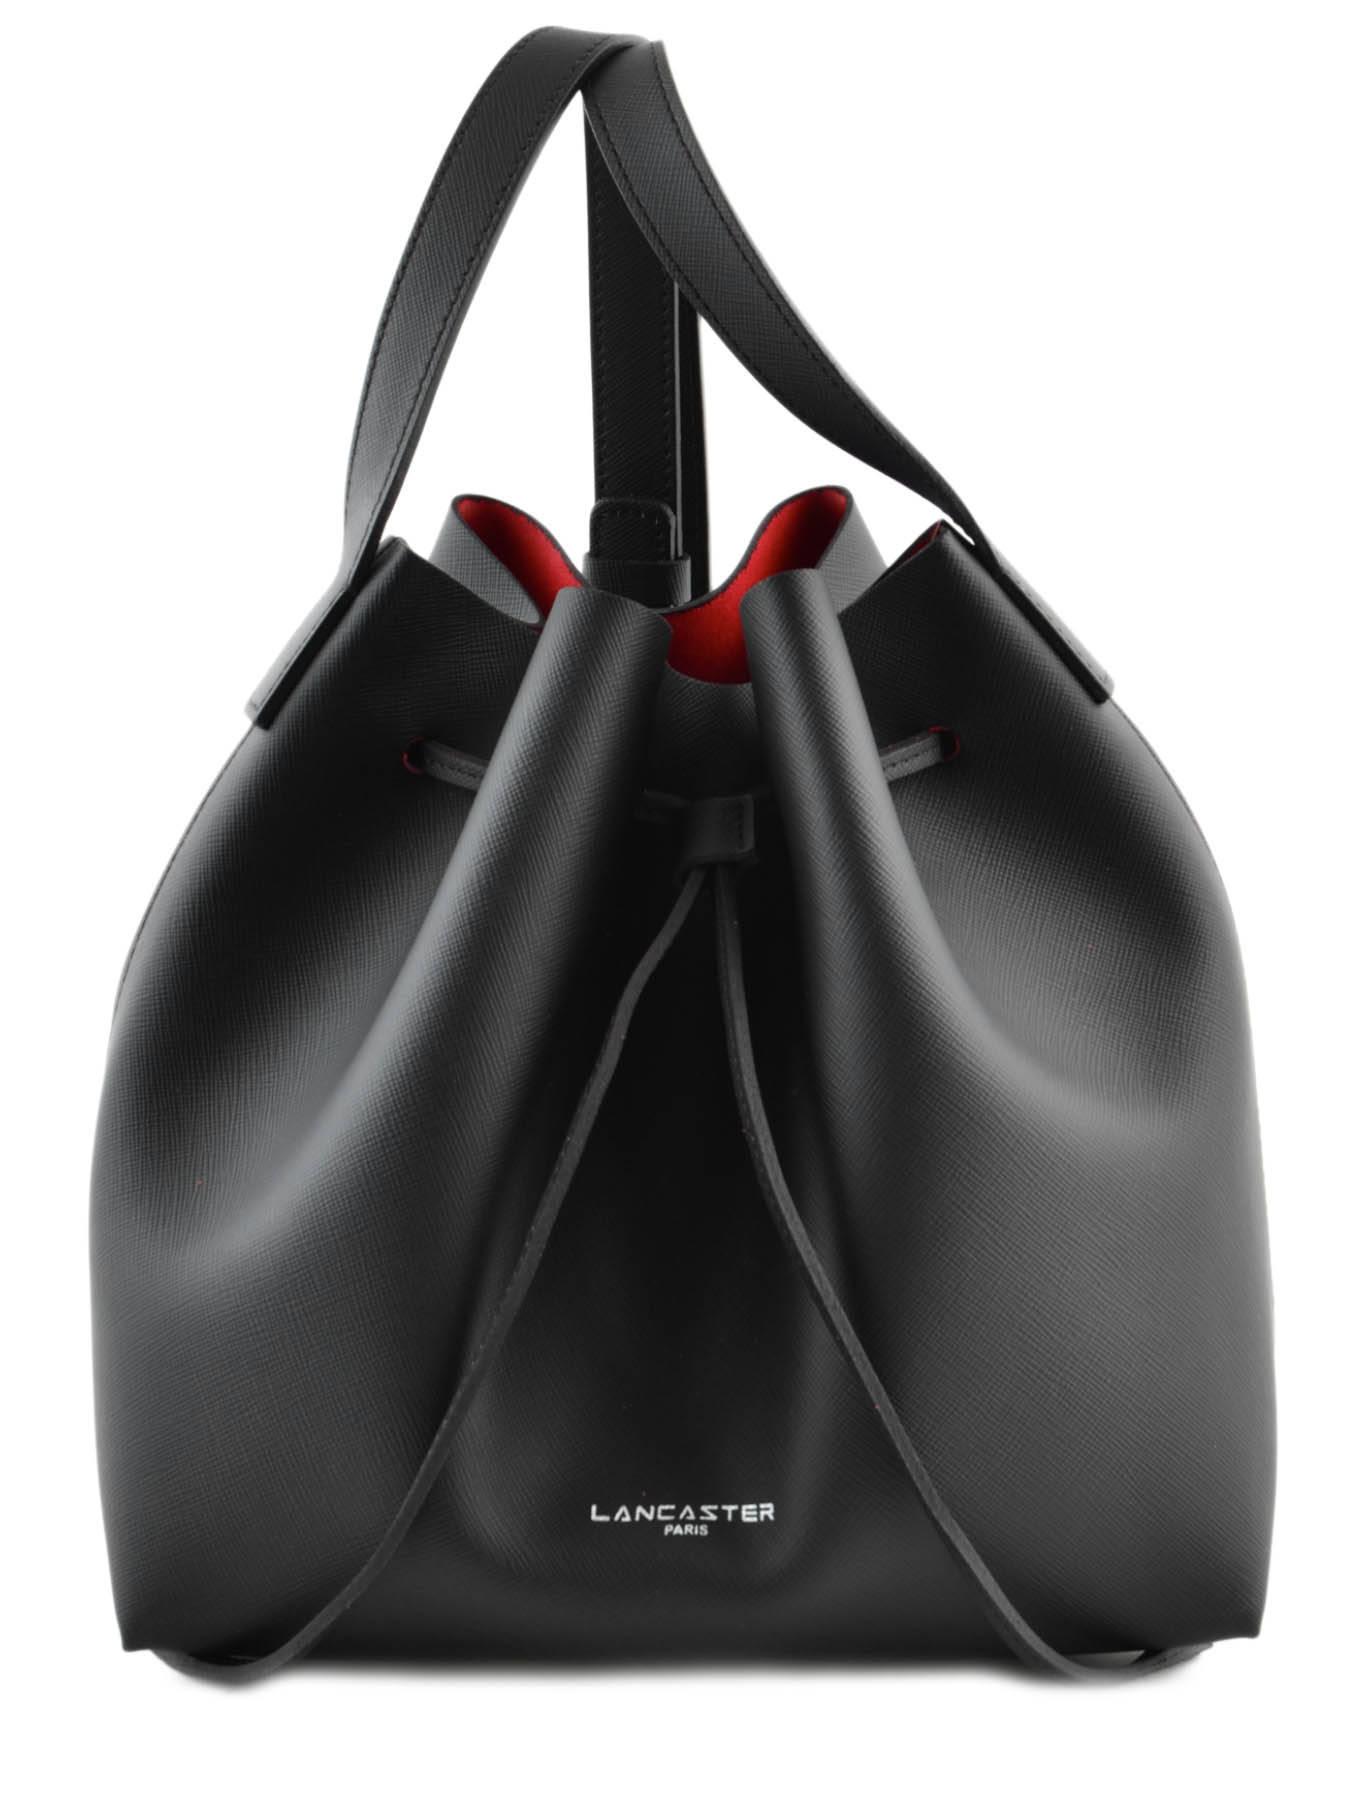 sac lancaster pur saffiano noir rouge en vente au meilleur prix. Black Bedroom Furniture Sets. Home Design Ideas